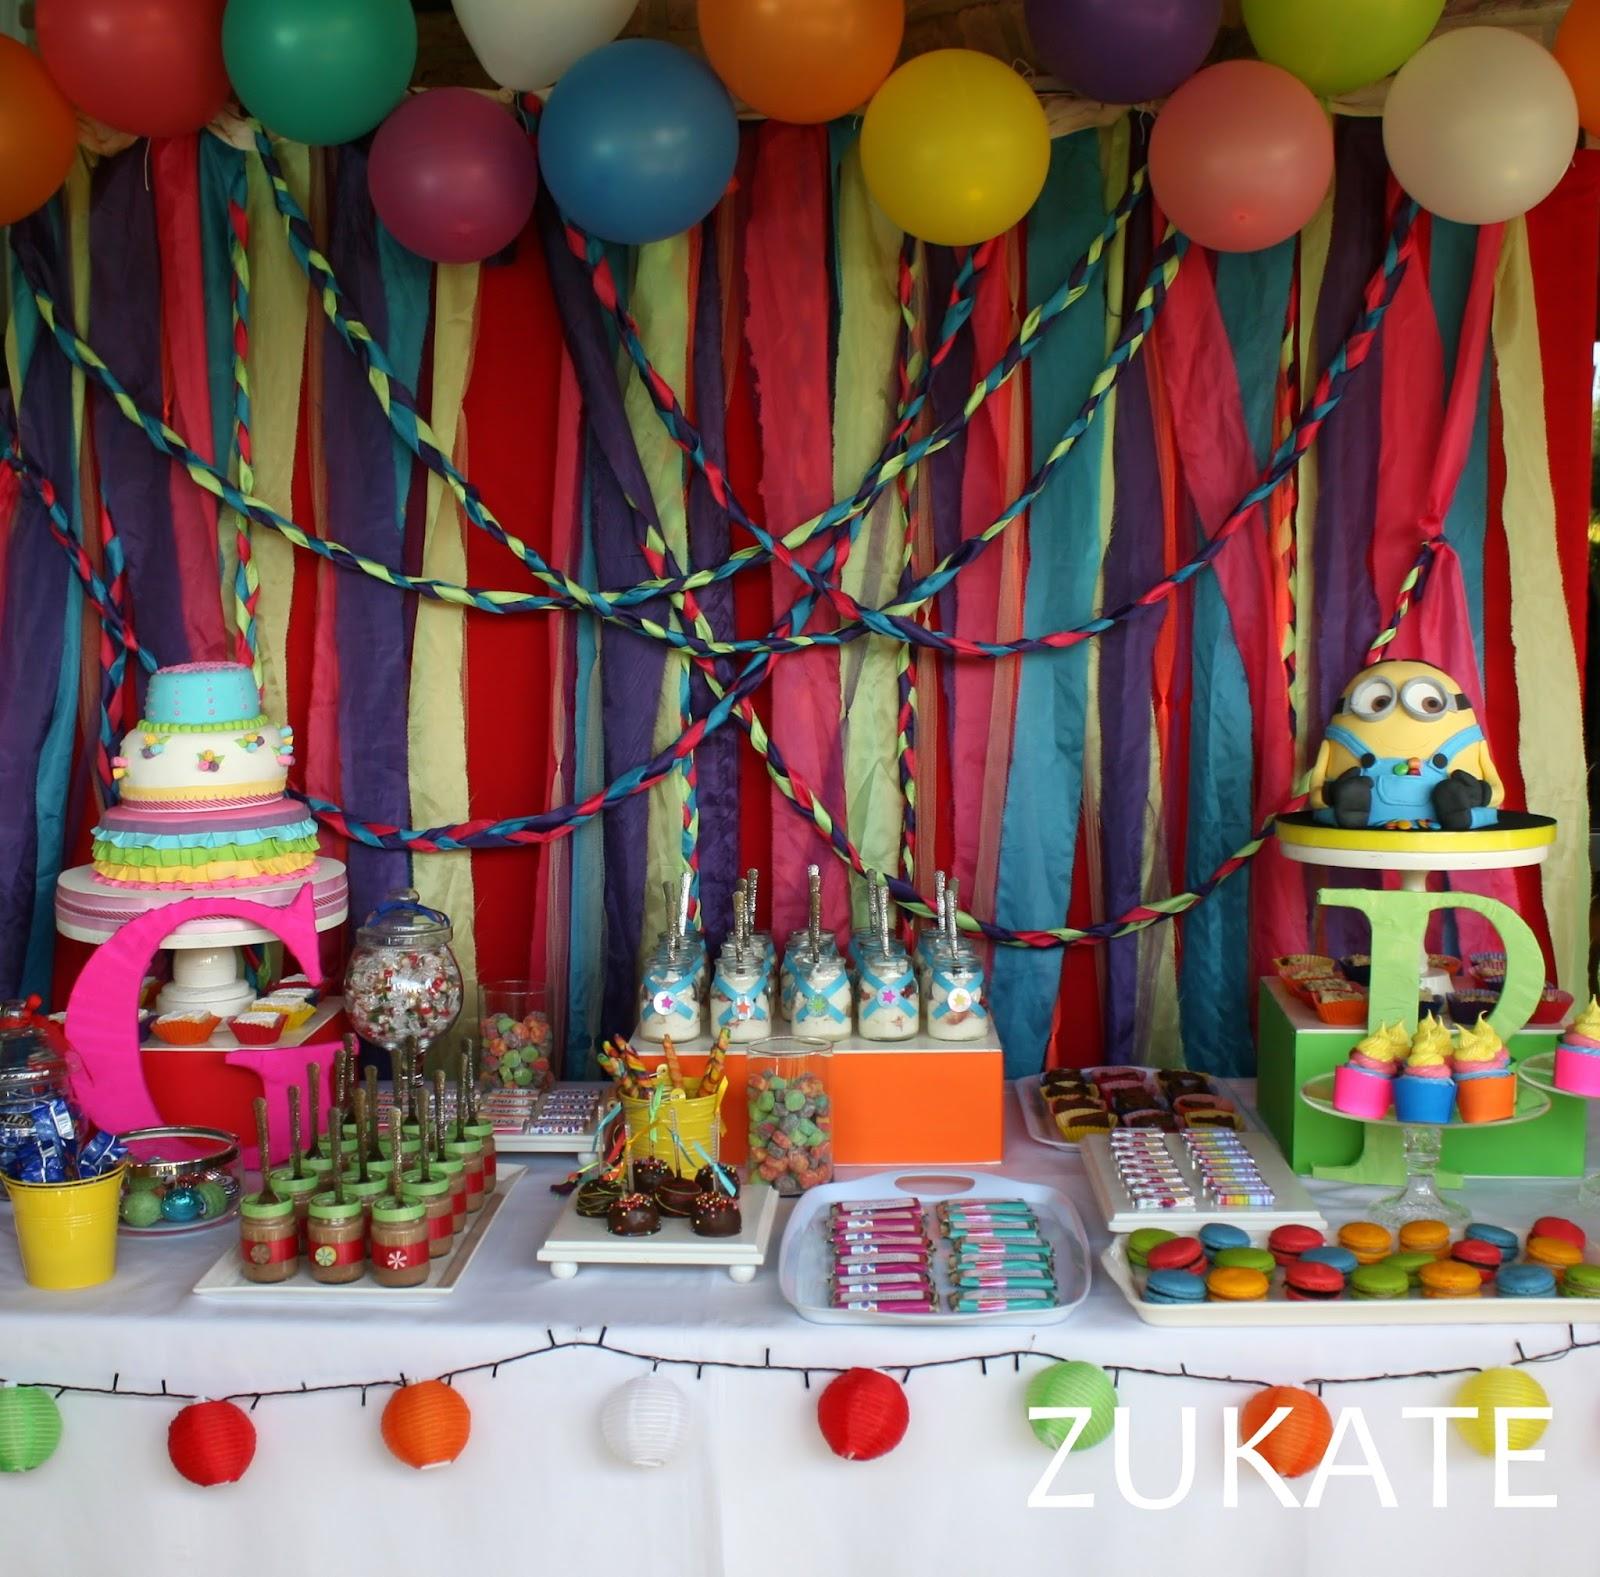 Fiesta de colores para guadi y pepo zukate - Decorar mesas para eventos ...